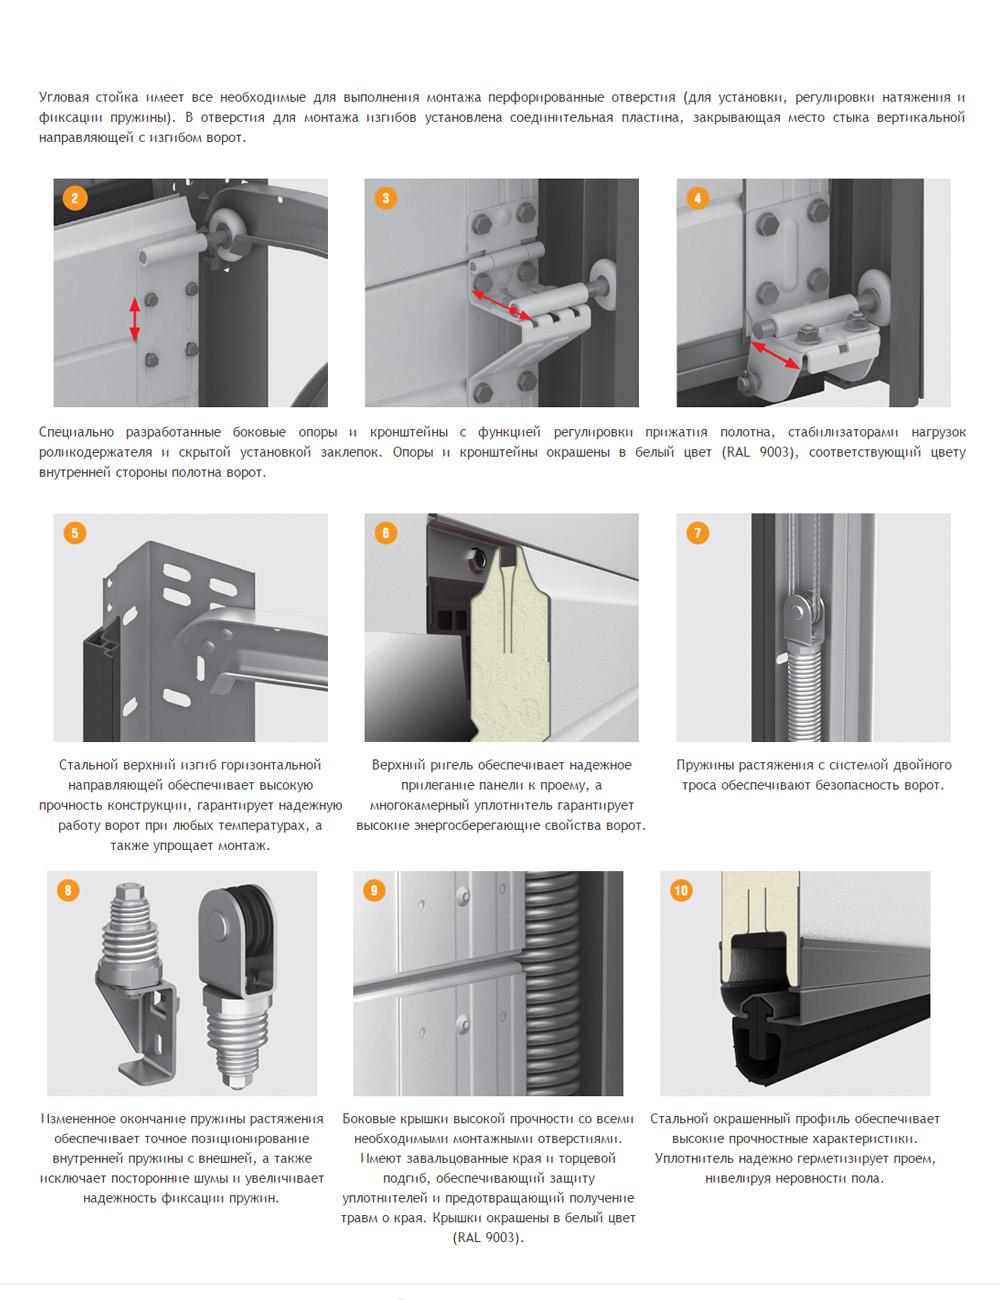 Конструкция гаражных секционных ворот Doorhan - конструктивные элементы